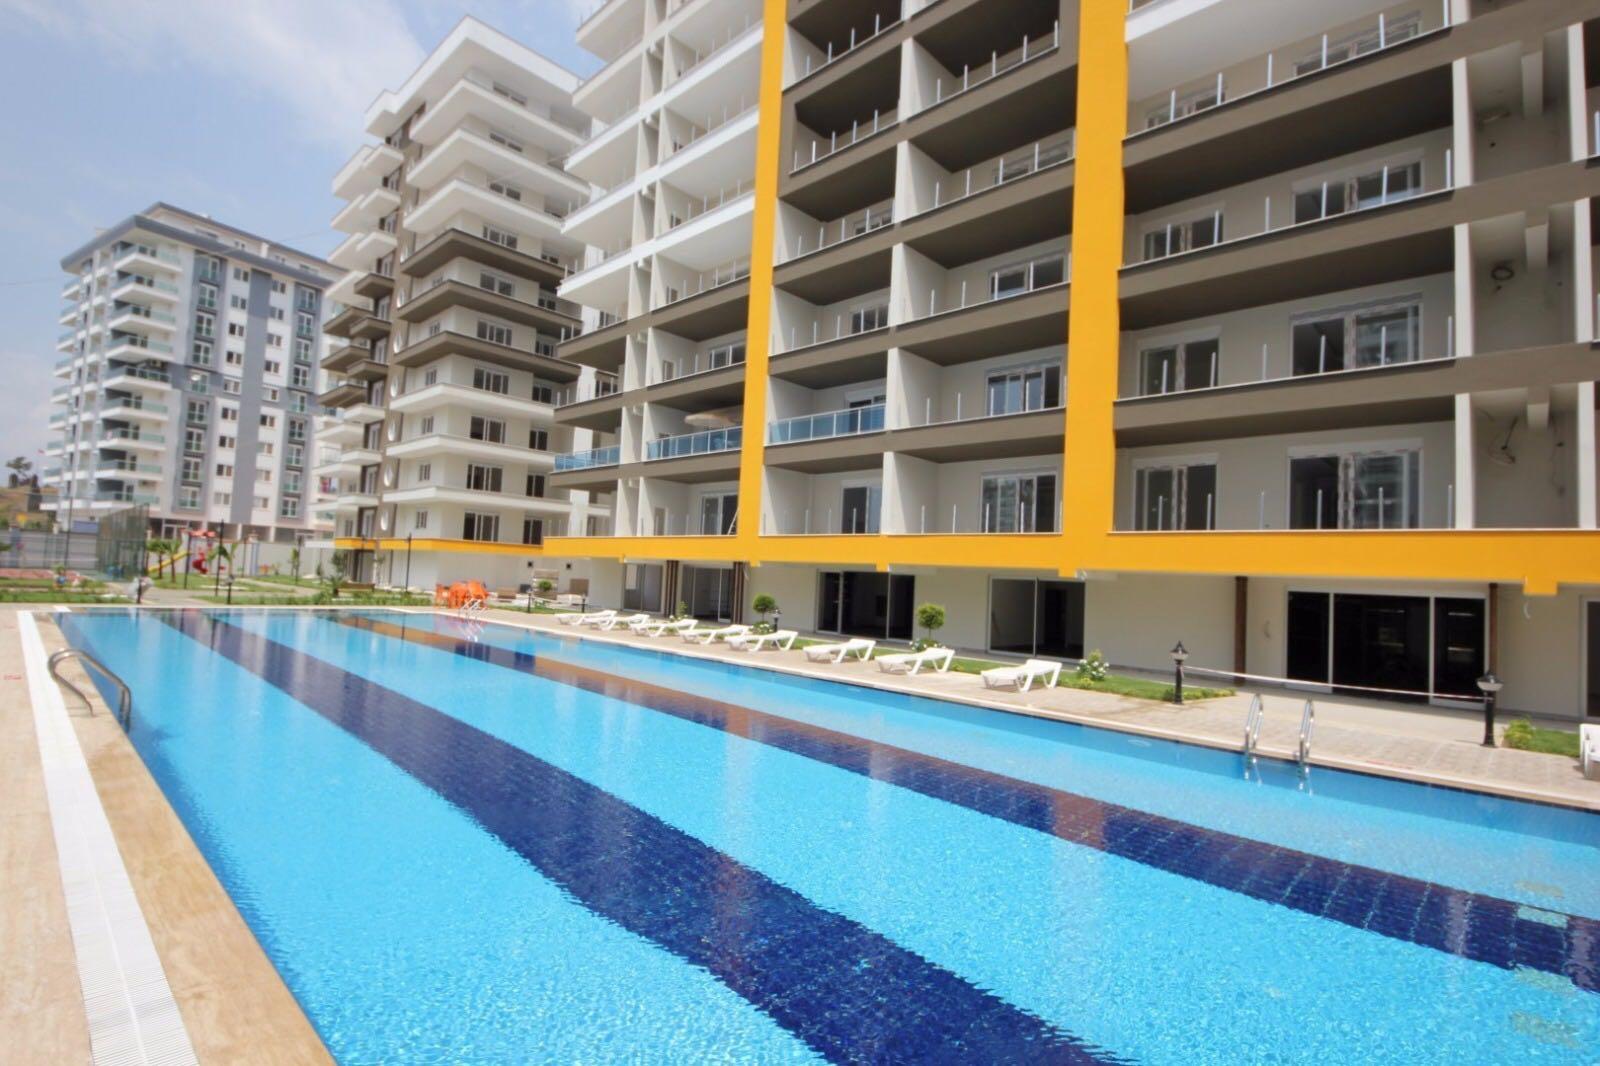 апартаменты 2+1 в ЖК Gold Sun Deluxe, стоимостью 77.000 евро